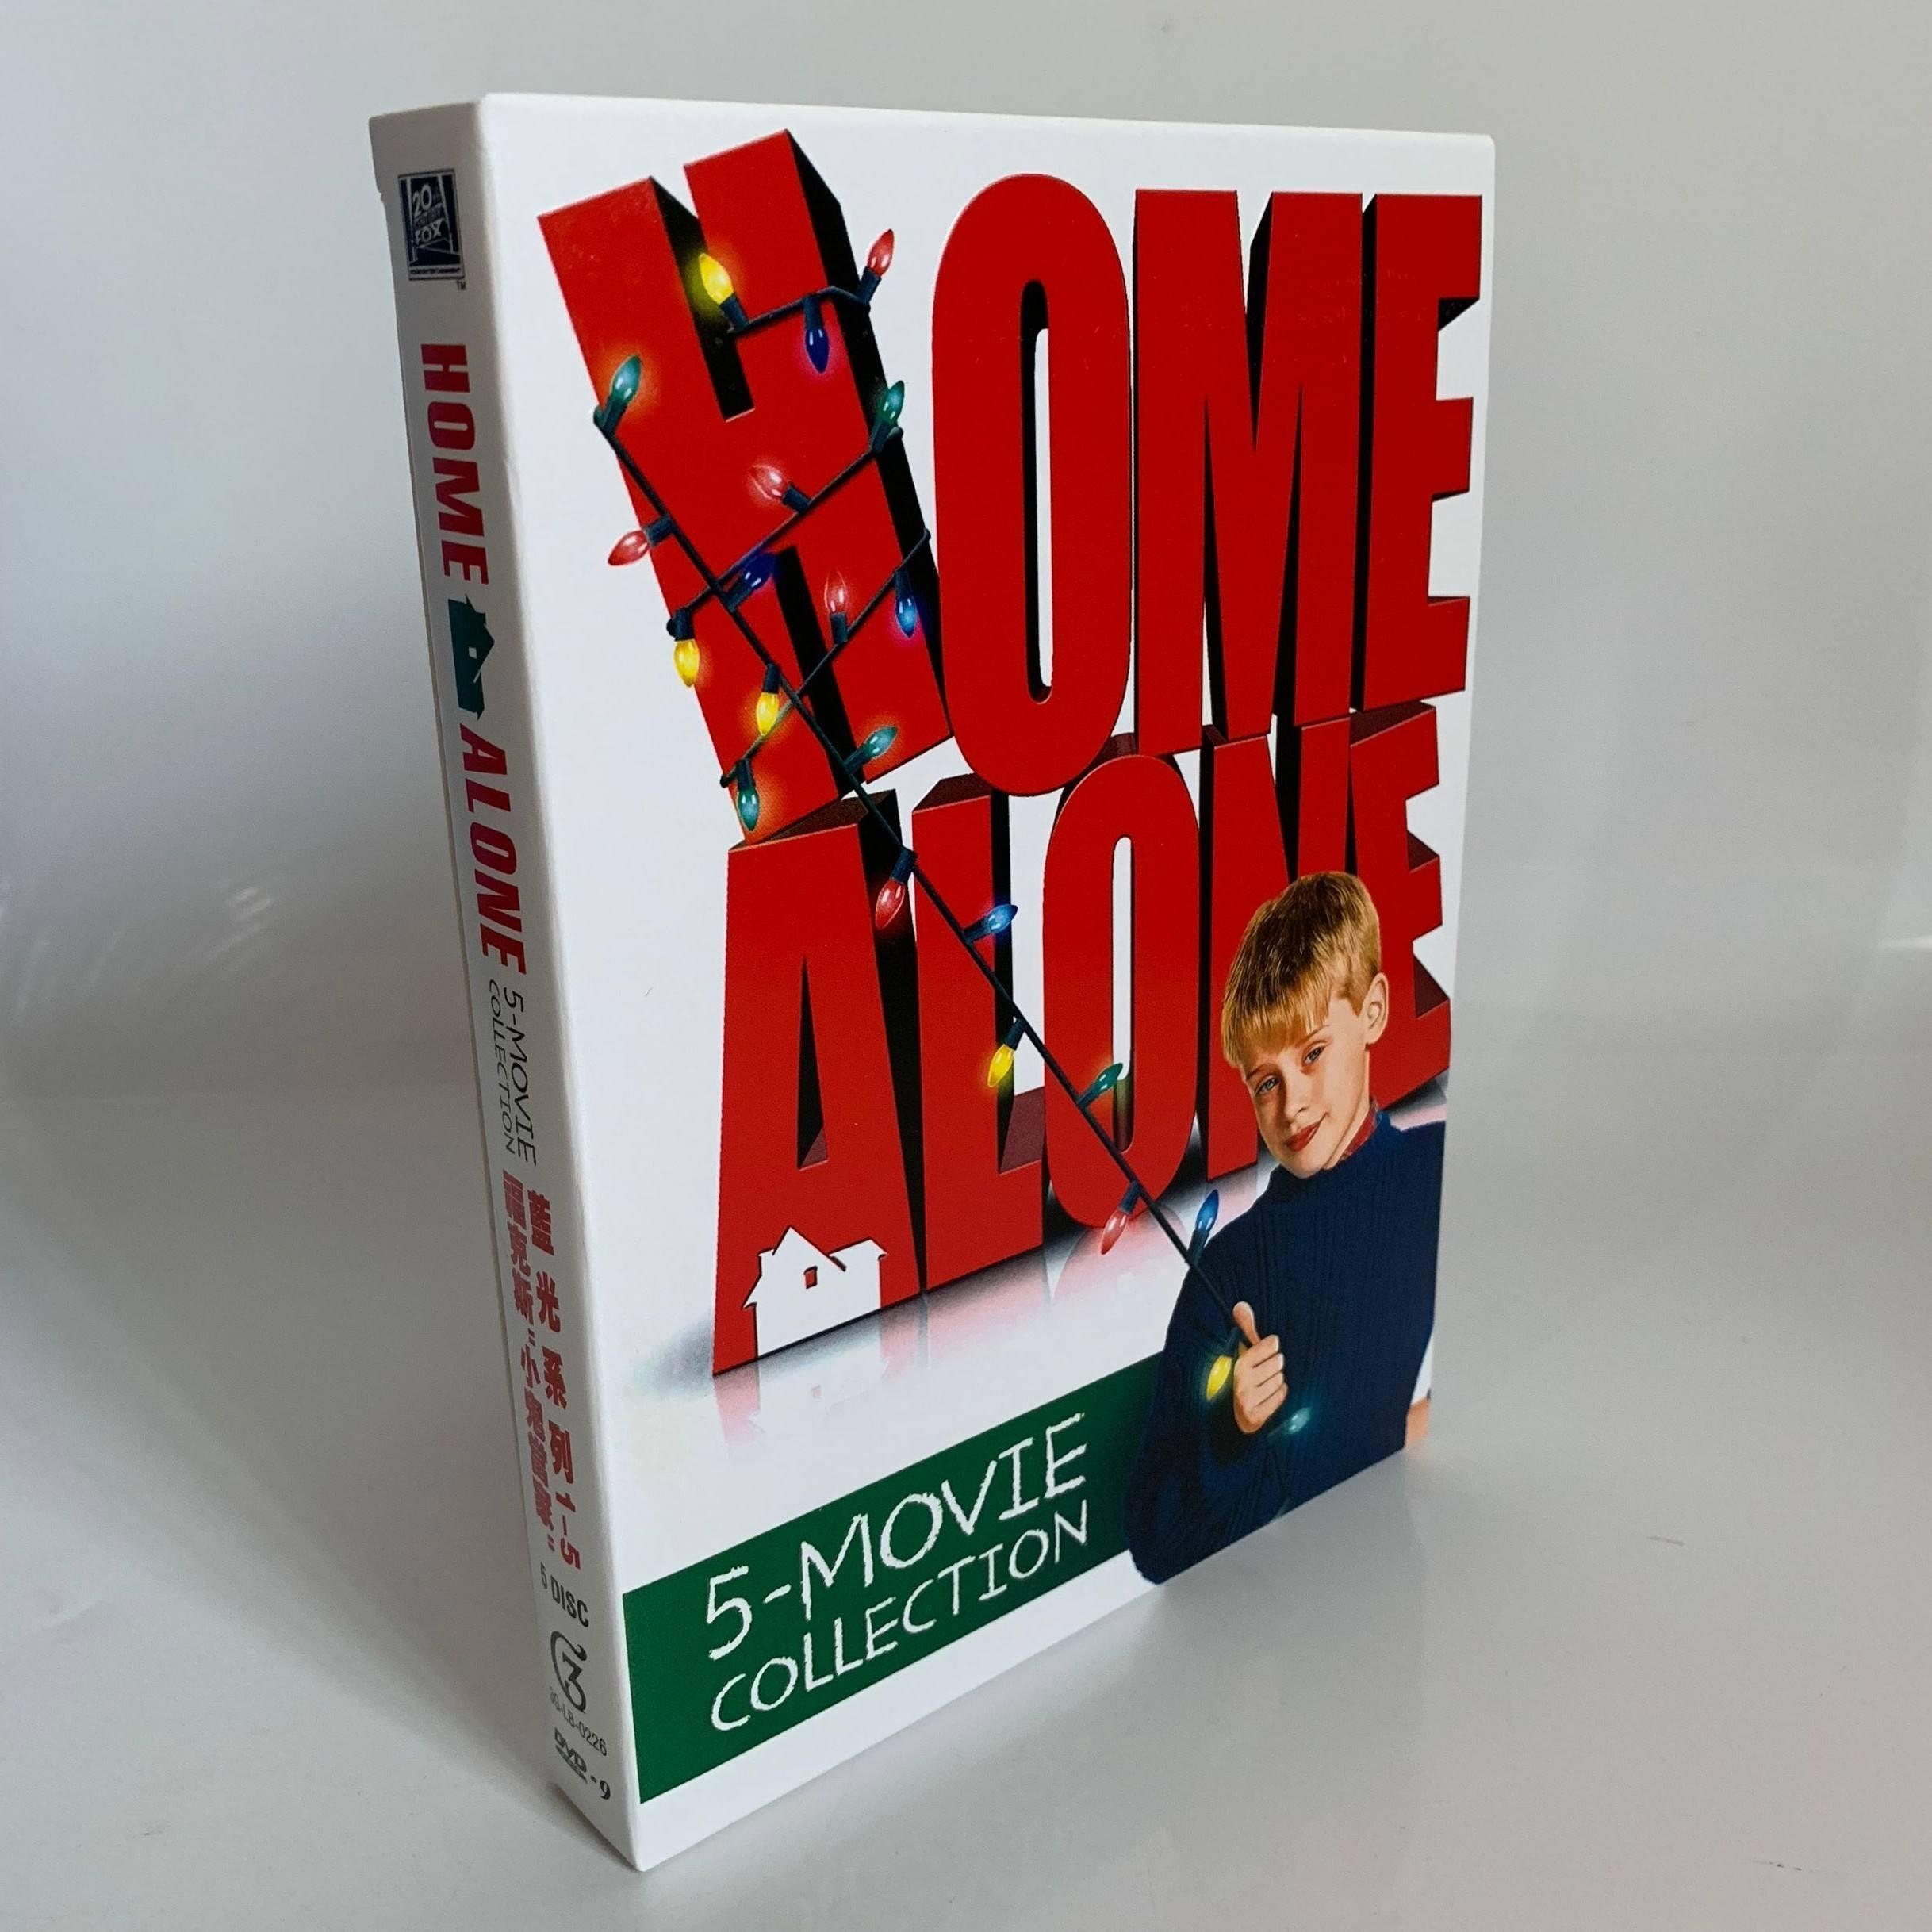 圣誕喜劇兒童電影 小鬼當家 Home Alone1-5部全集DVD碟片 精美盒裝